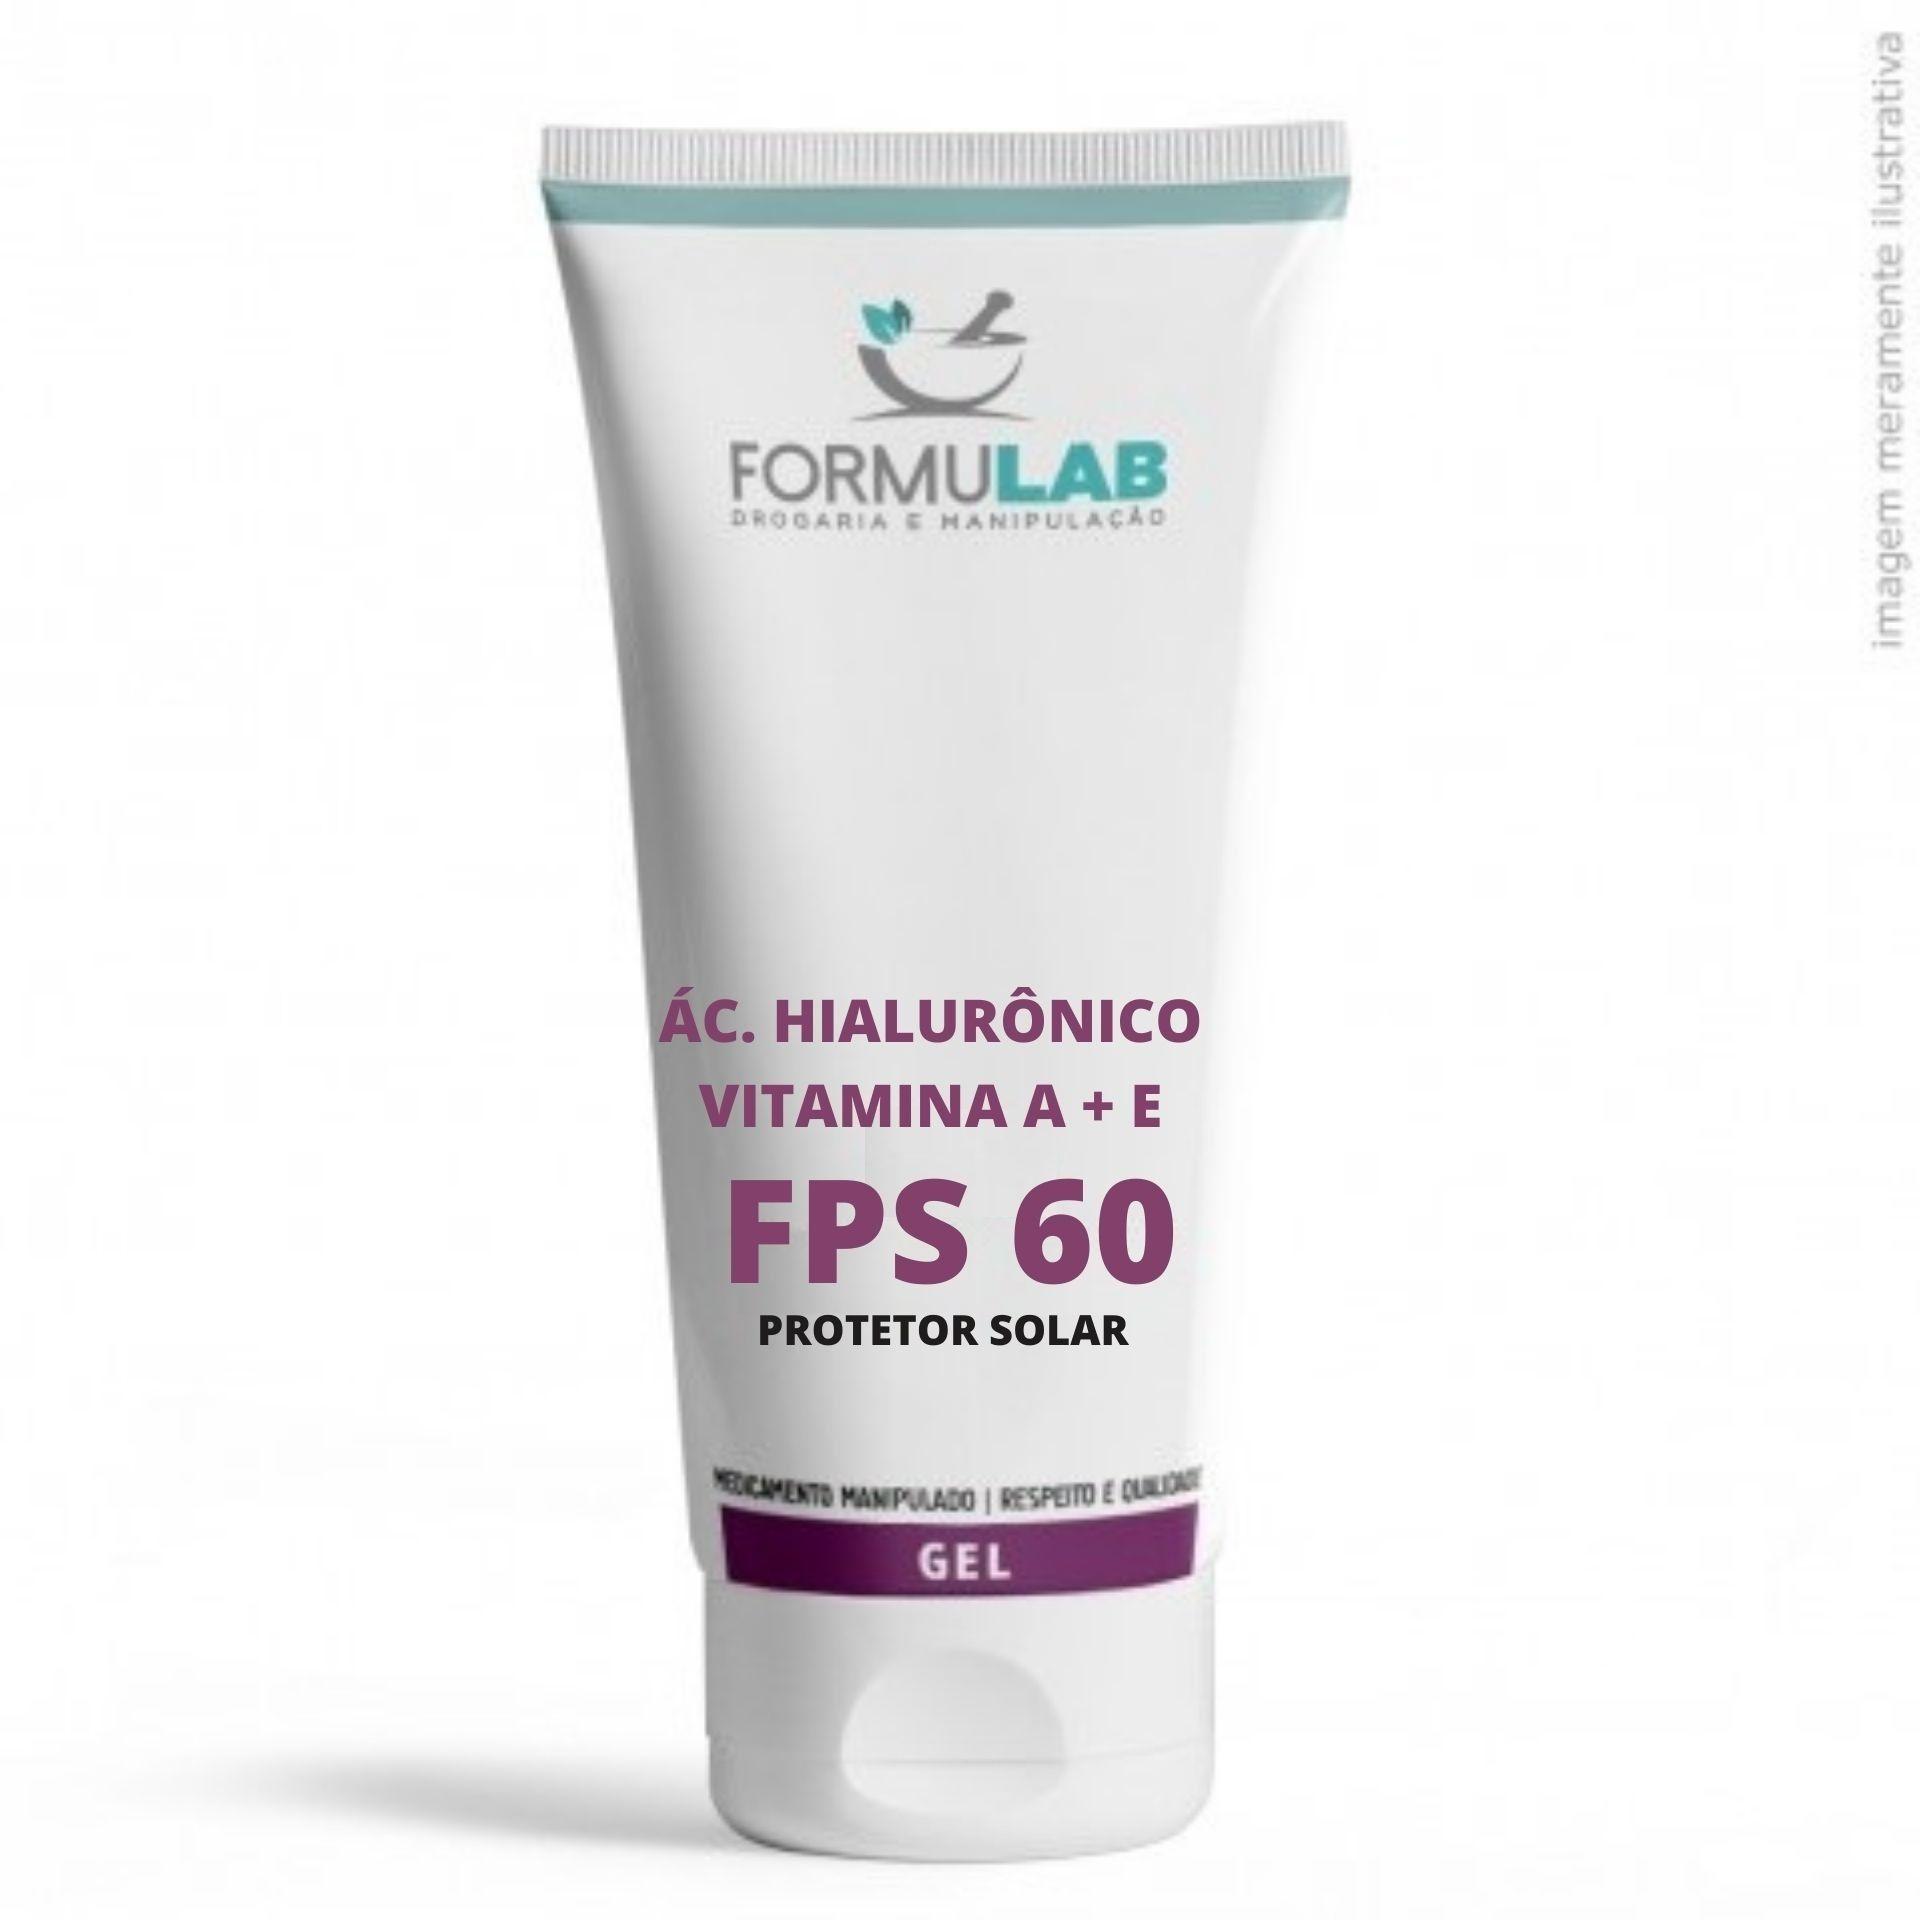 Ácido Hialurônico 1% + Vitamina A 1% + Vitamina E 1% + Protetor Solar FPS 60 Toque Seco - 60 Gramas